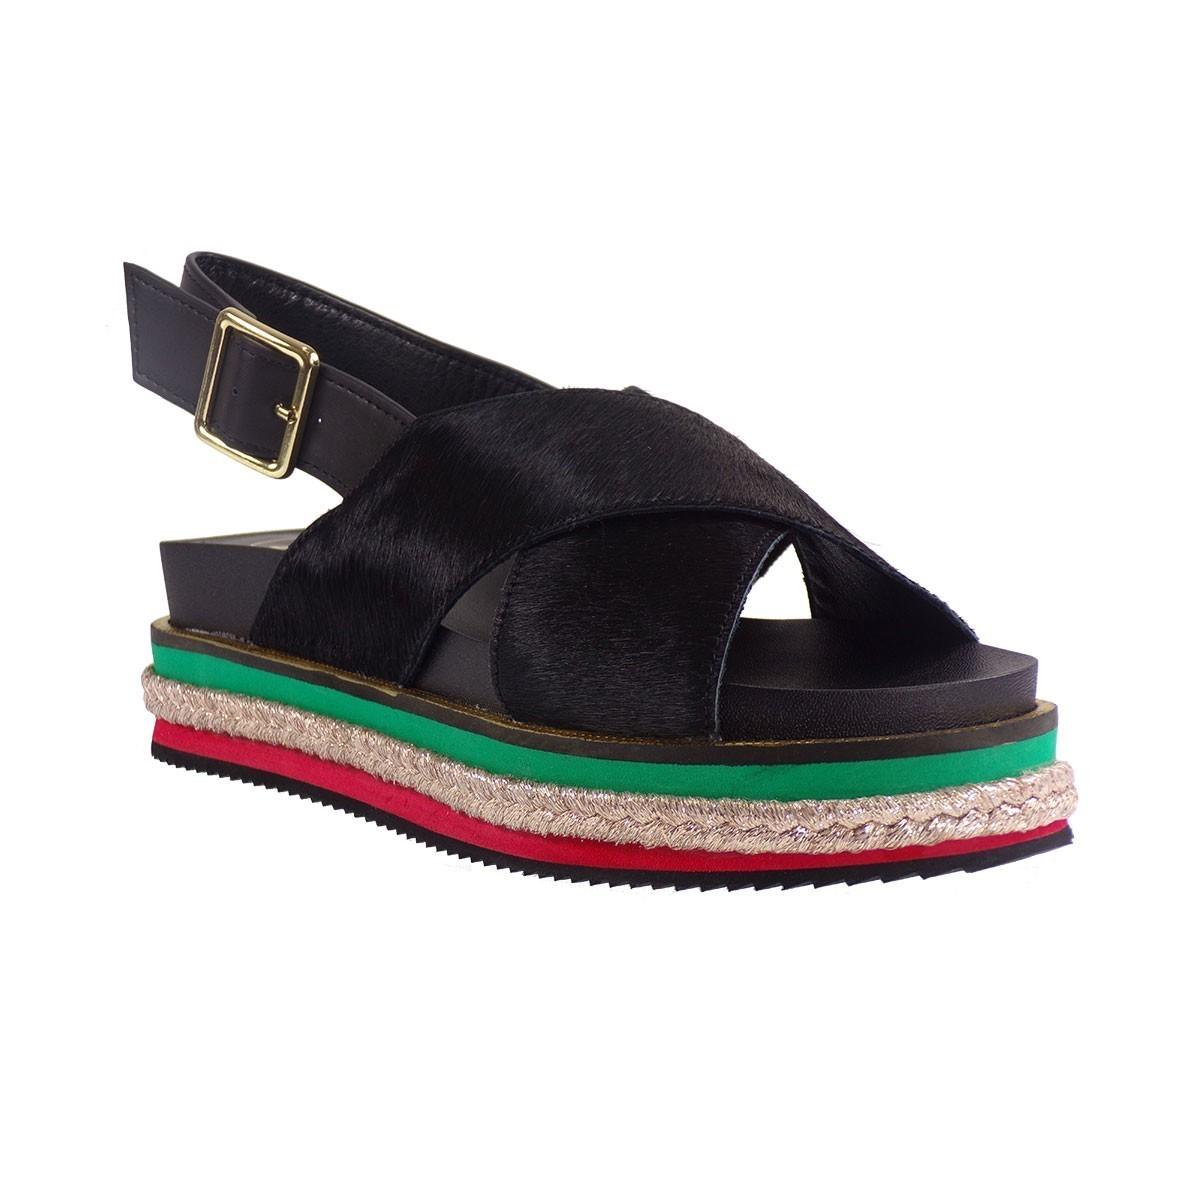 d2768154ccf EXE Shoes Γυναικεία Πέδιλα Πλατφόρμες GARLA-522 Μαύρο Πόνυ ...